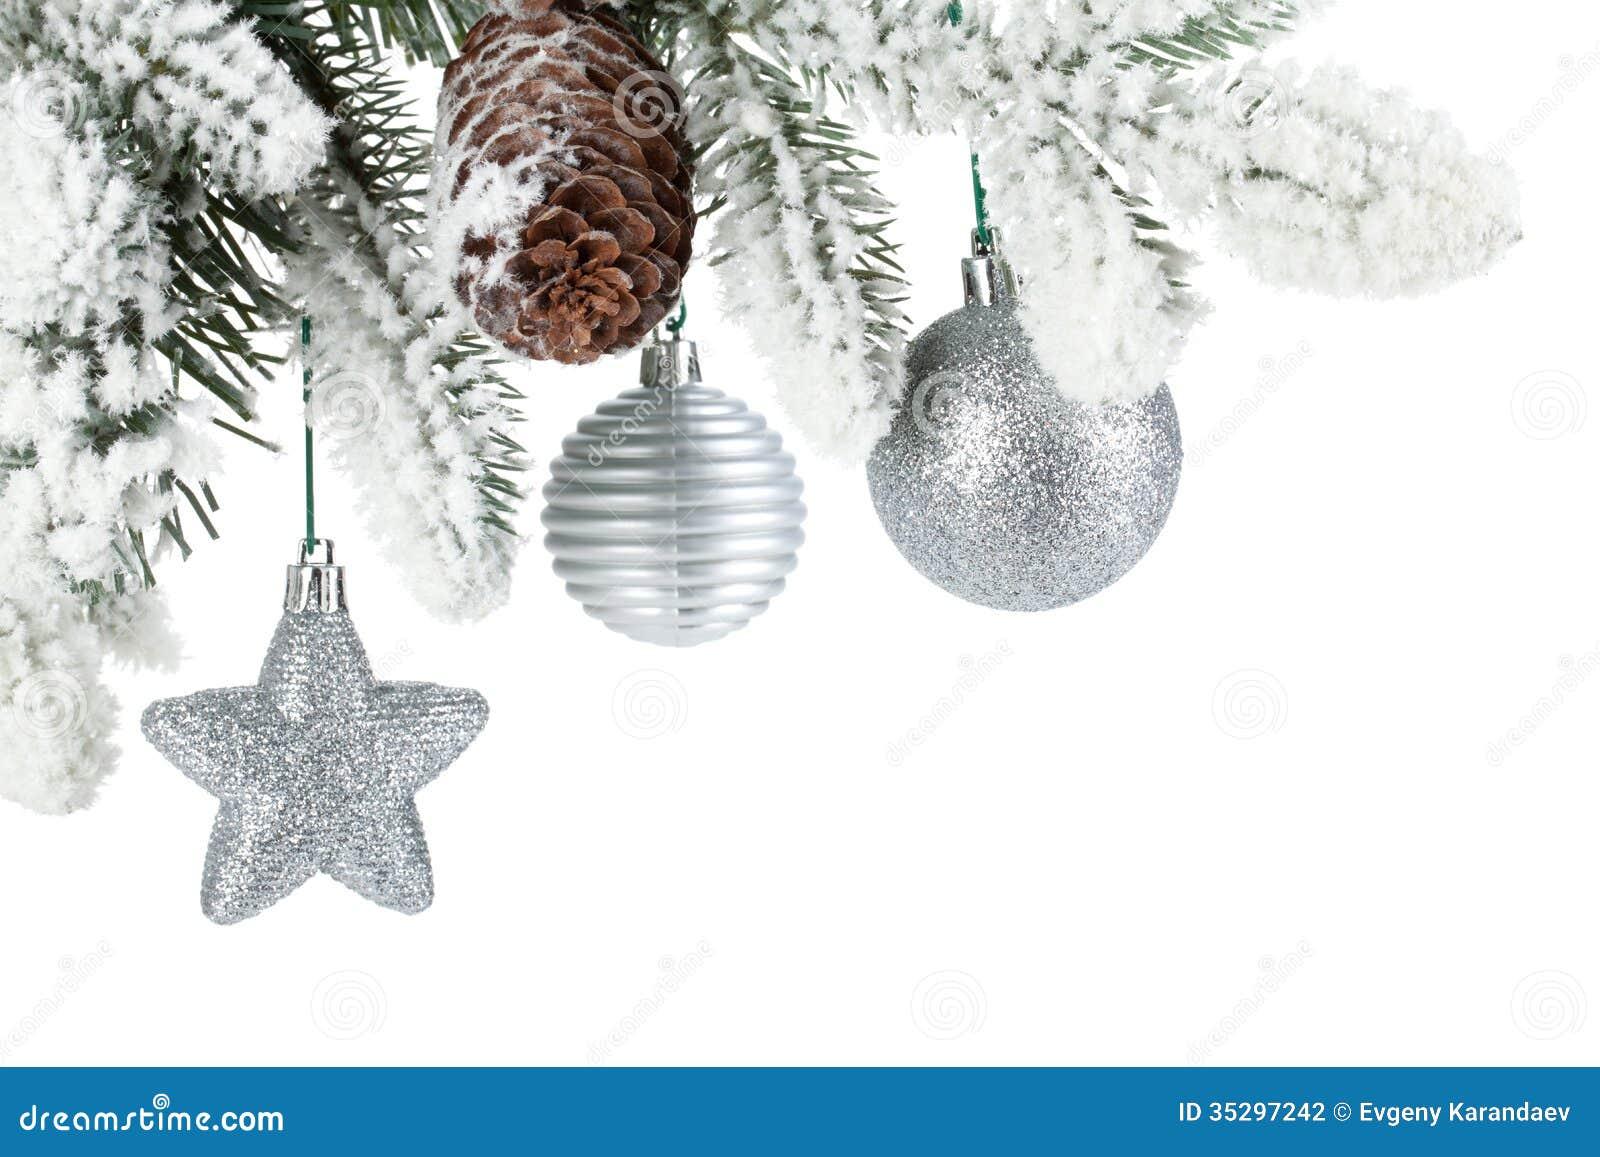 #674638 Branche D'arbre De Sapin Avec Le Décor De Noël Couvert De  6371 decoration noel exterieur avec branche sapin 1300x957 px @ aertt.com